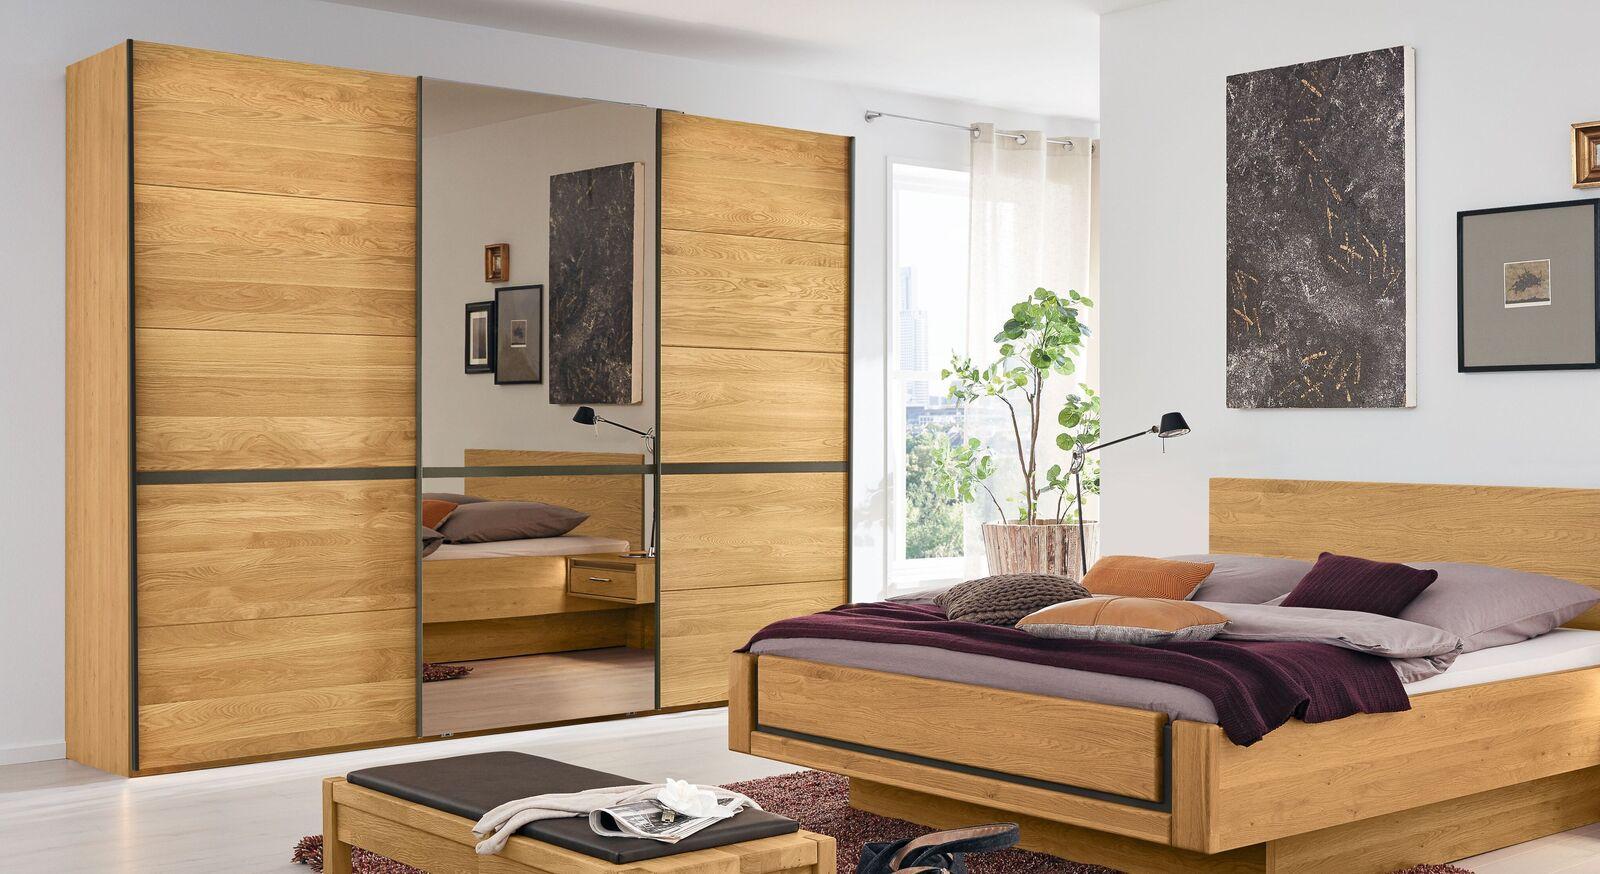 MUSTERRING Schwebetüren-Kleiderschrank Sorrent mit mittiger Spiegeltüre